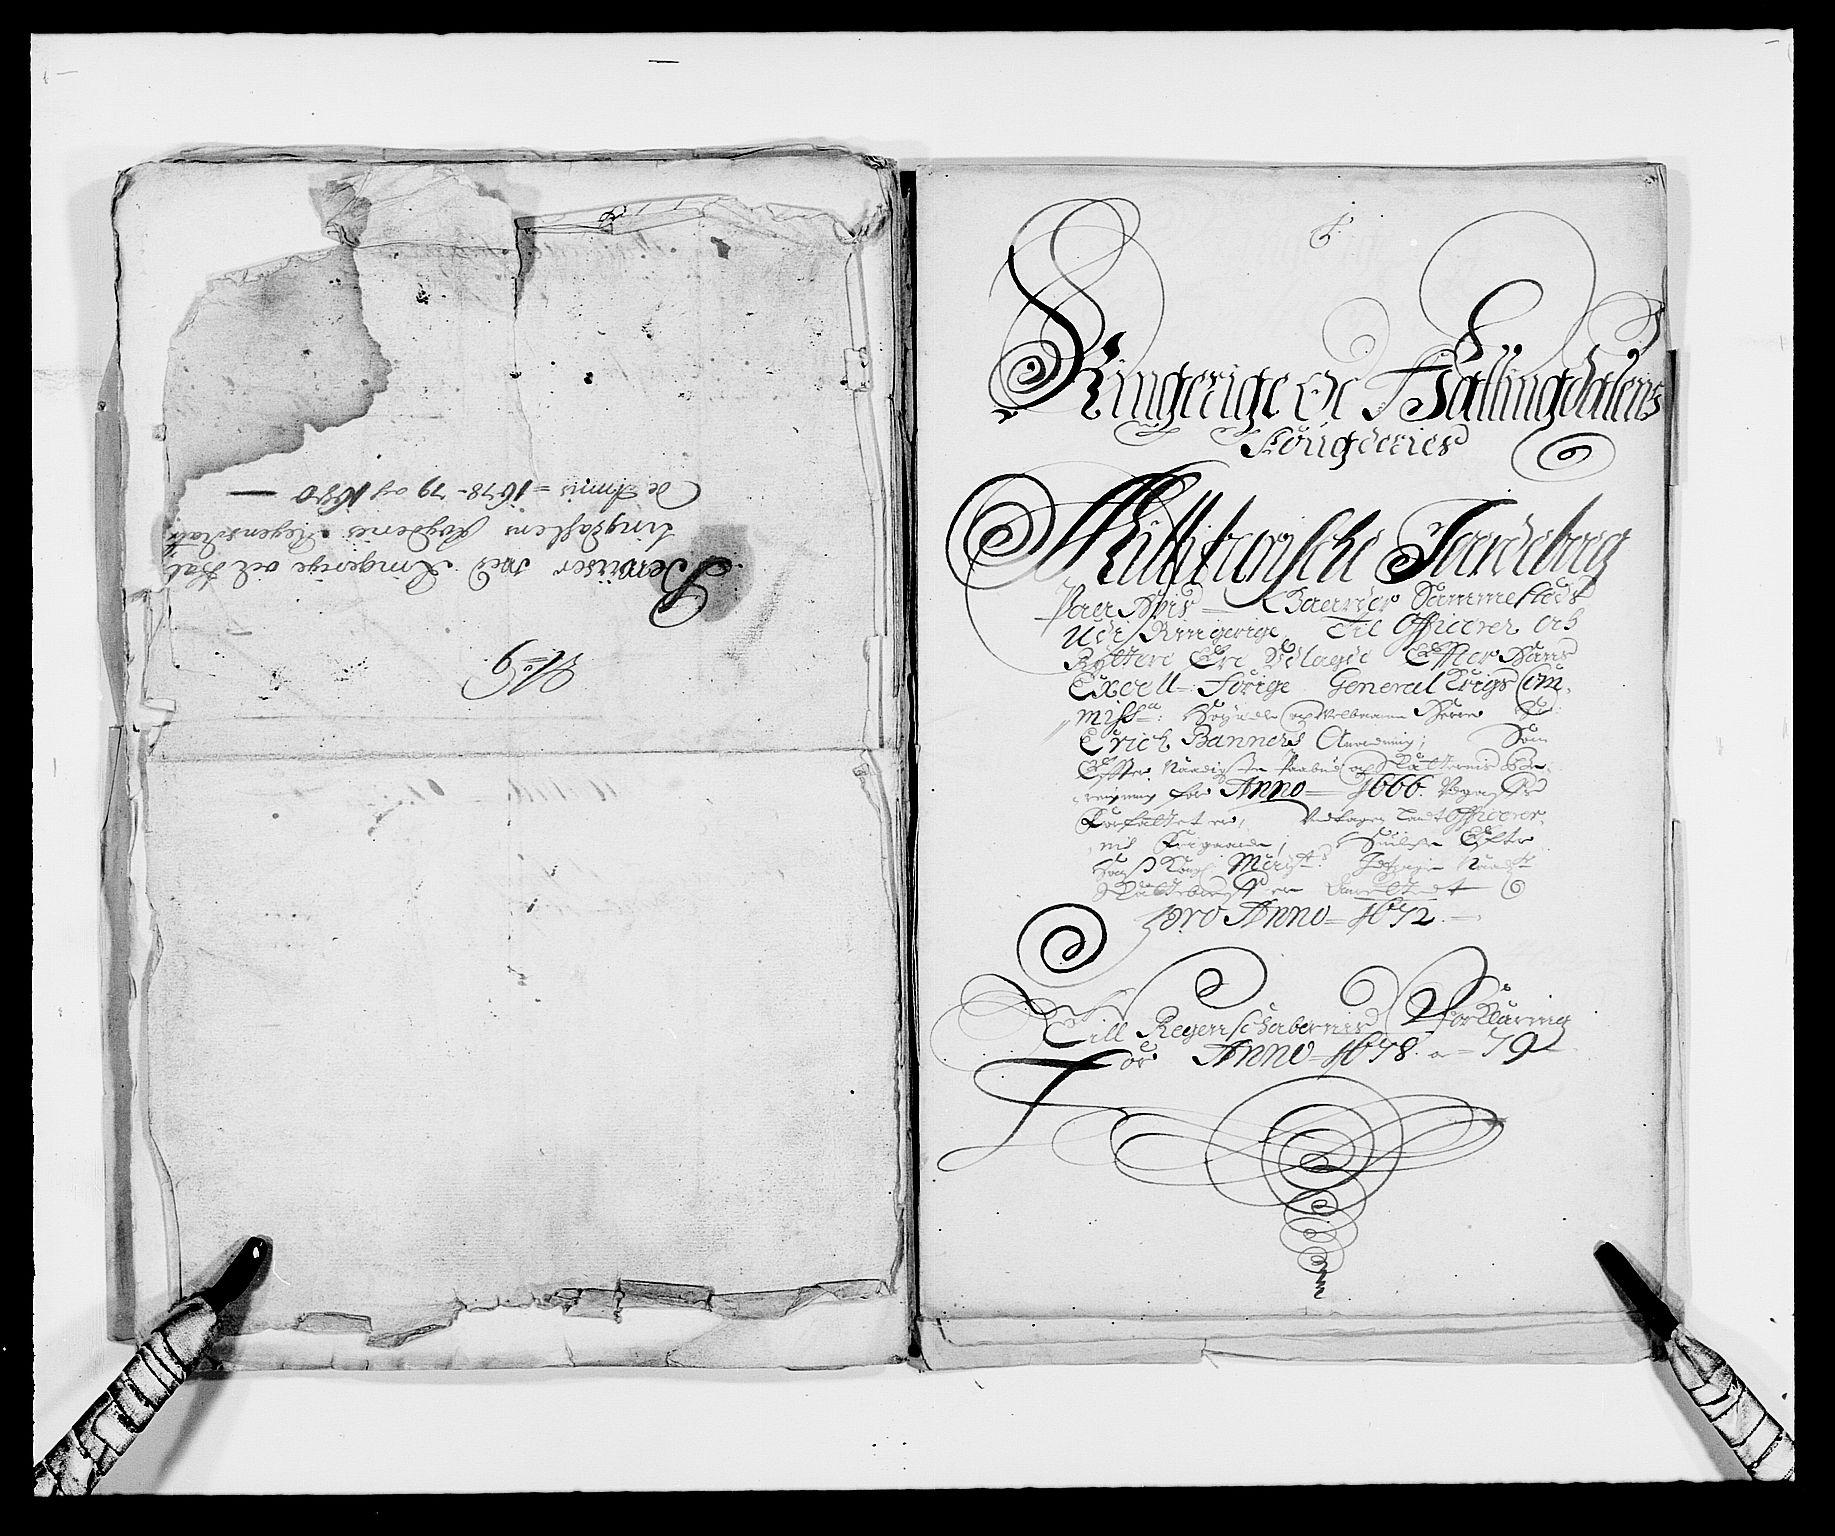 RA, Rentekammeret inntil 1814, Reviderte regnskaper, Fogderegnskap, R21/L1443: Fogderegnskap Ringerike og Hallingdal, 1678-1680, s. 385